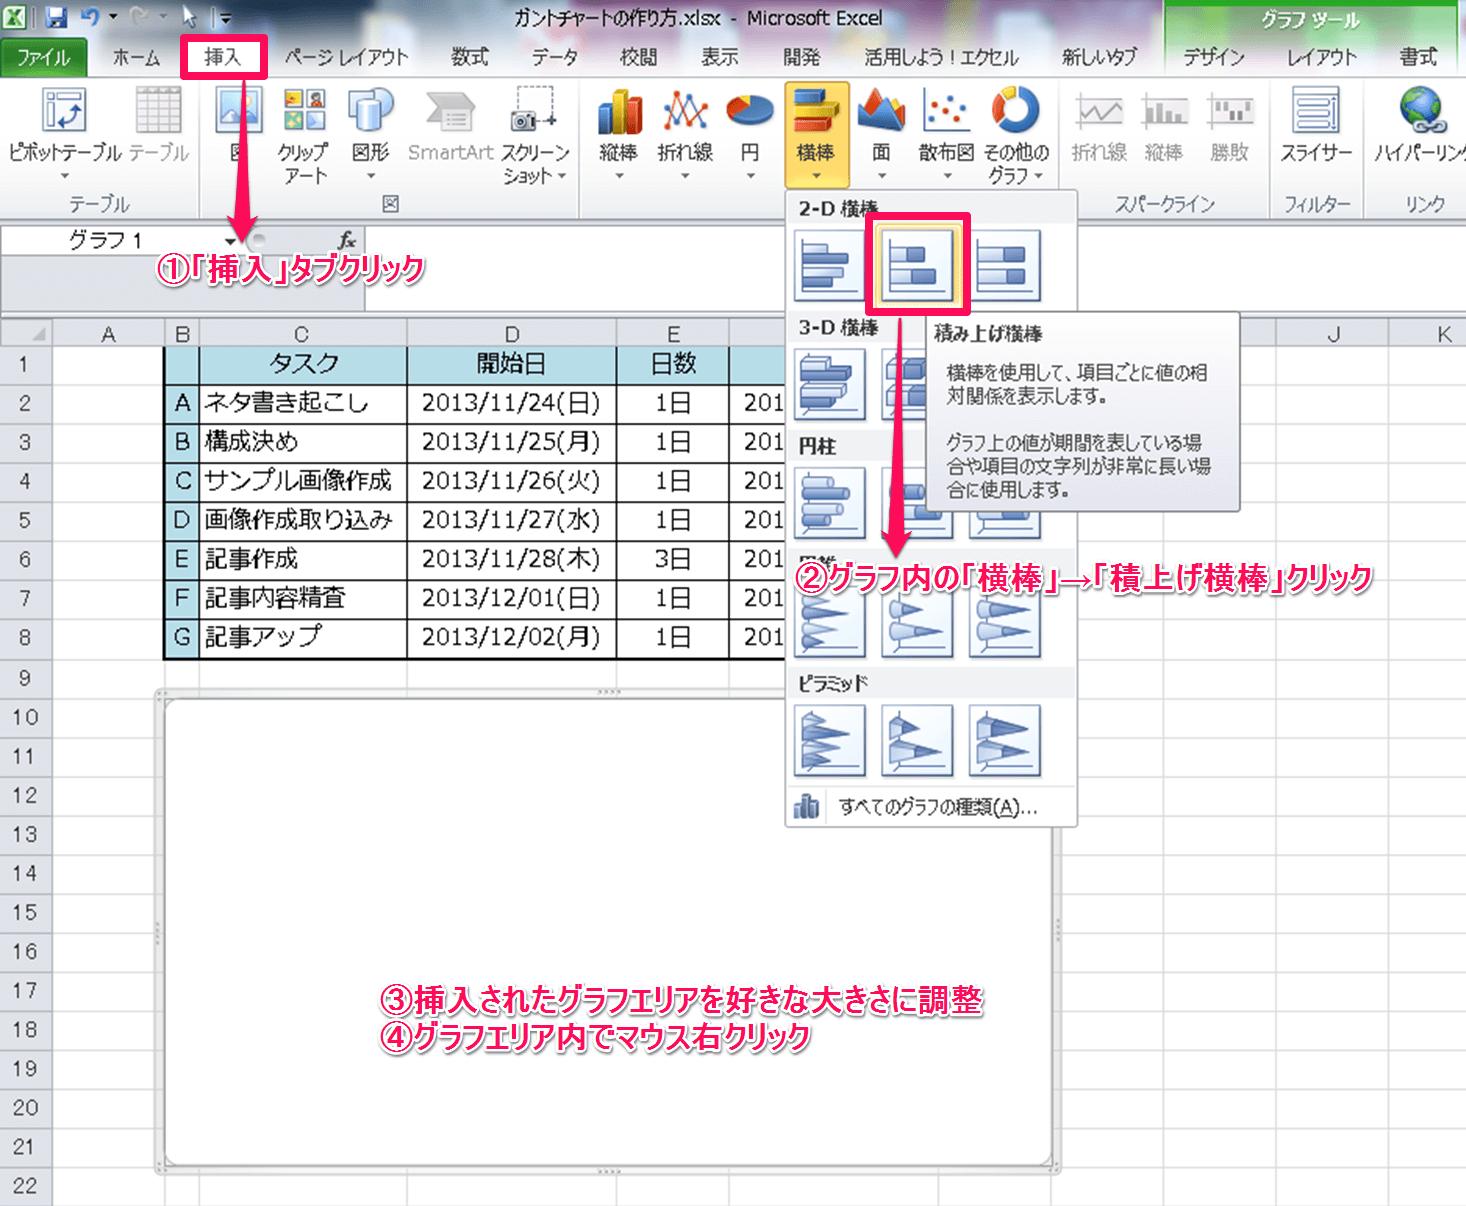 ガントチャート作成方法③